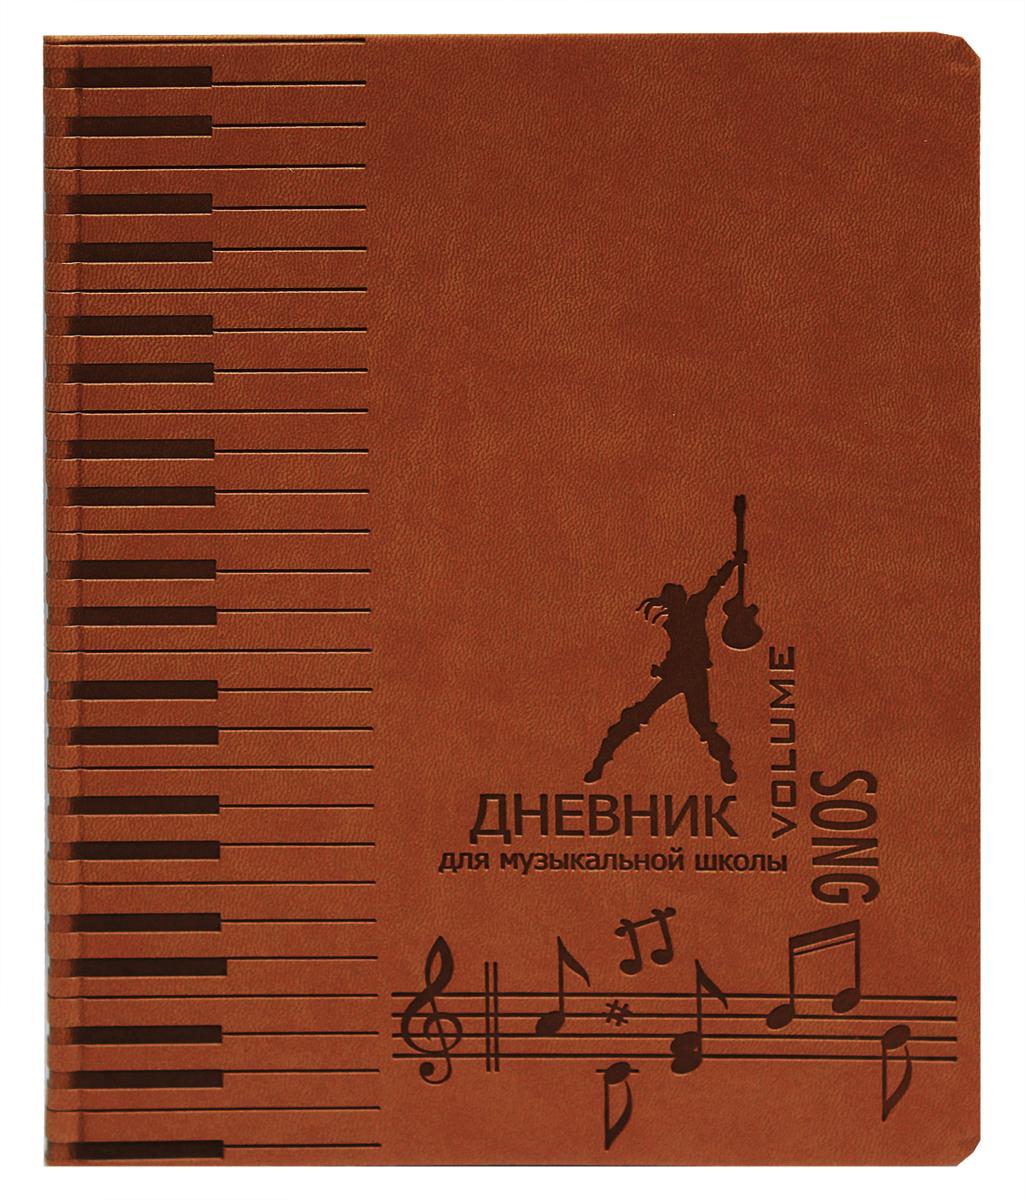 Prof Press Дневник для музыкальной школы Ноты и клавиши цвет светло-коричневый альт дневник для музыкальной школы черный рояль